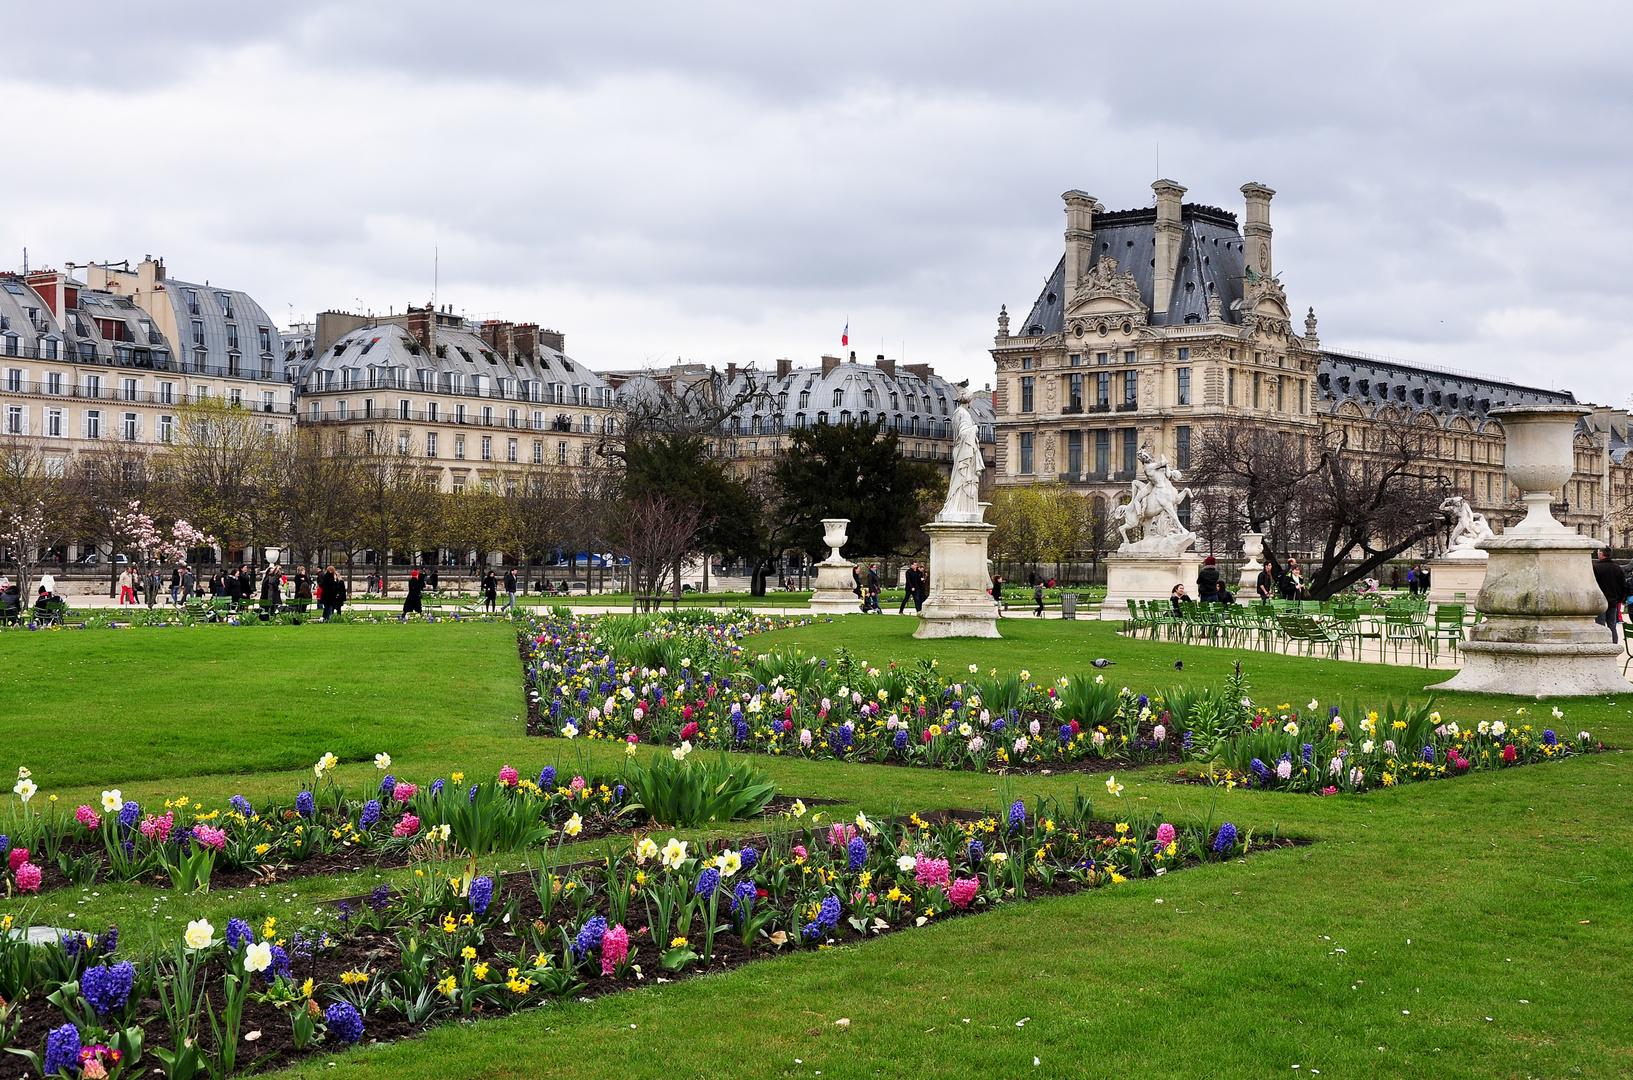 Frühlingserwachen in den Tuilerien